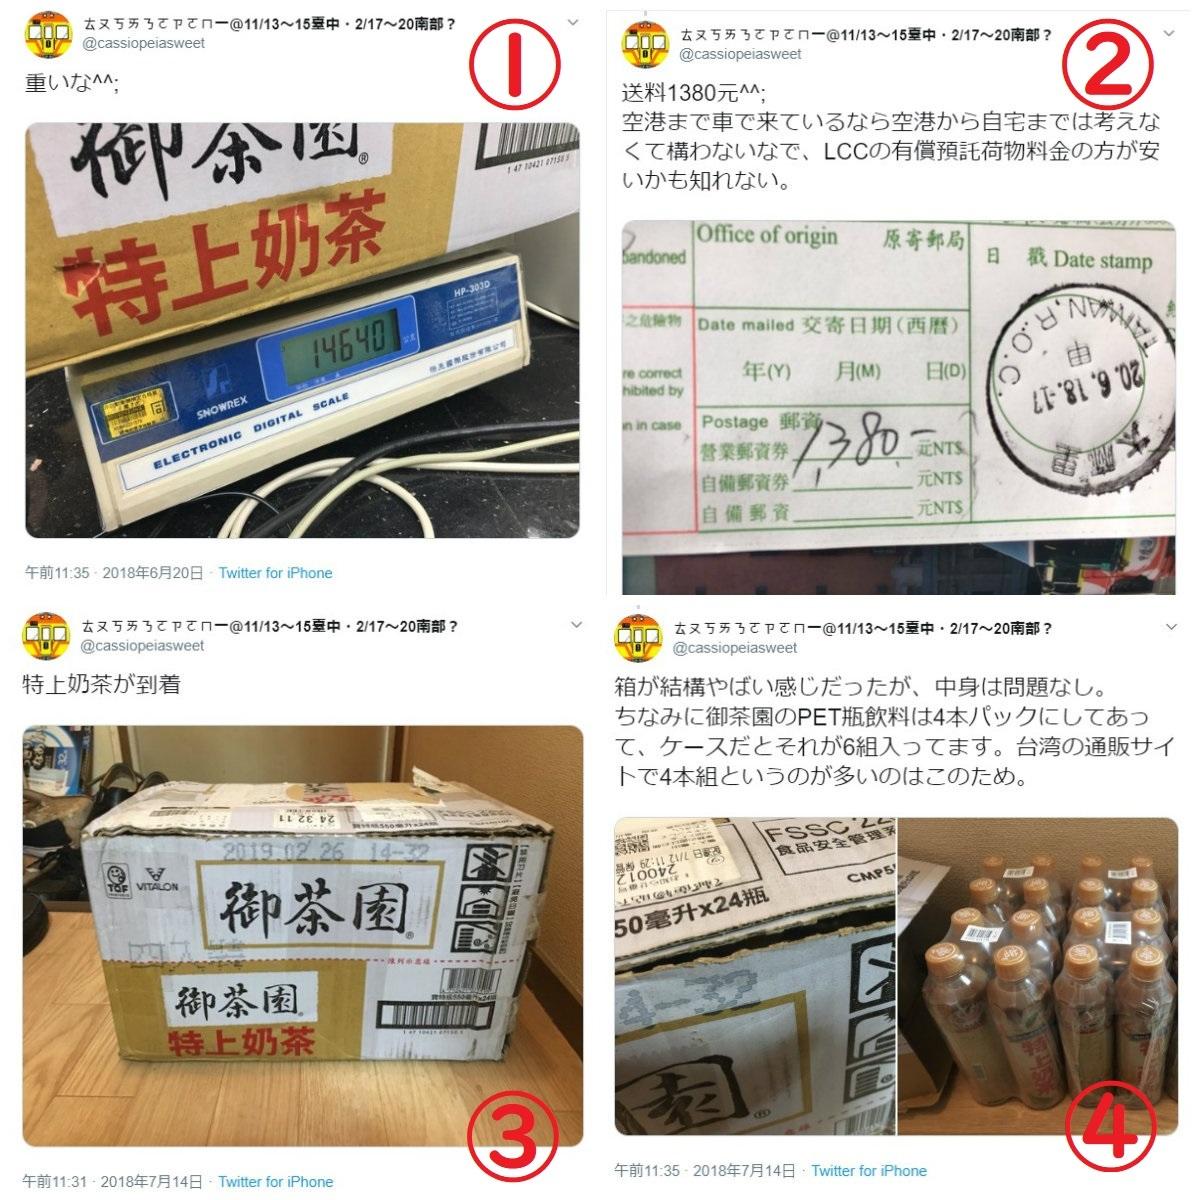 台湾から日本へ郵便小包(航空便)で荷物を送る・その1。_a0207624_10061542.jpg